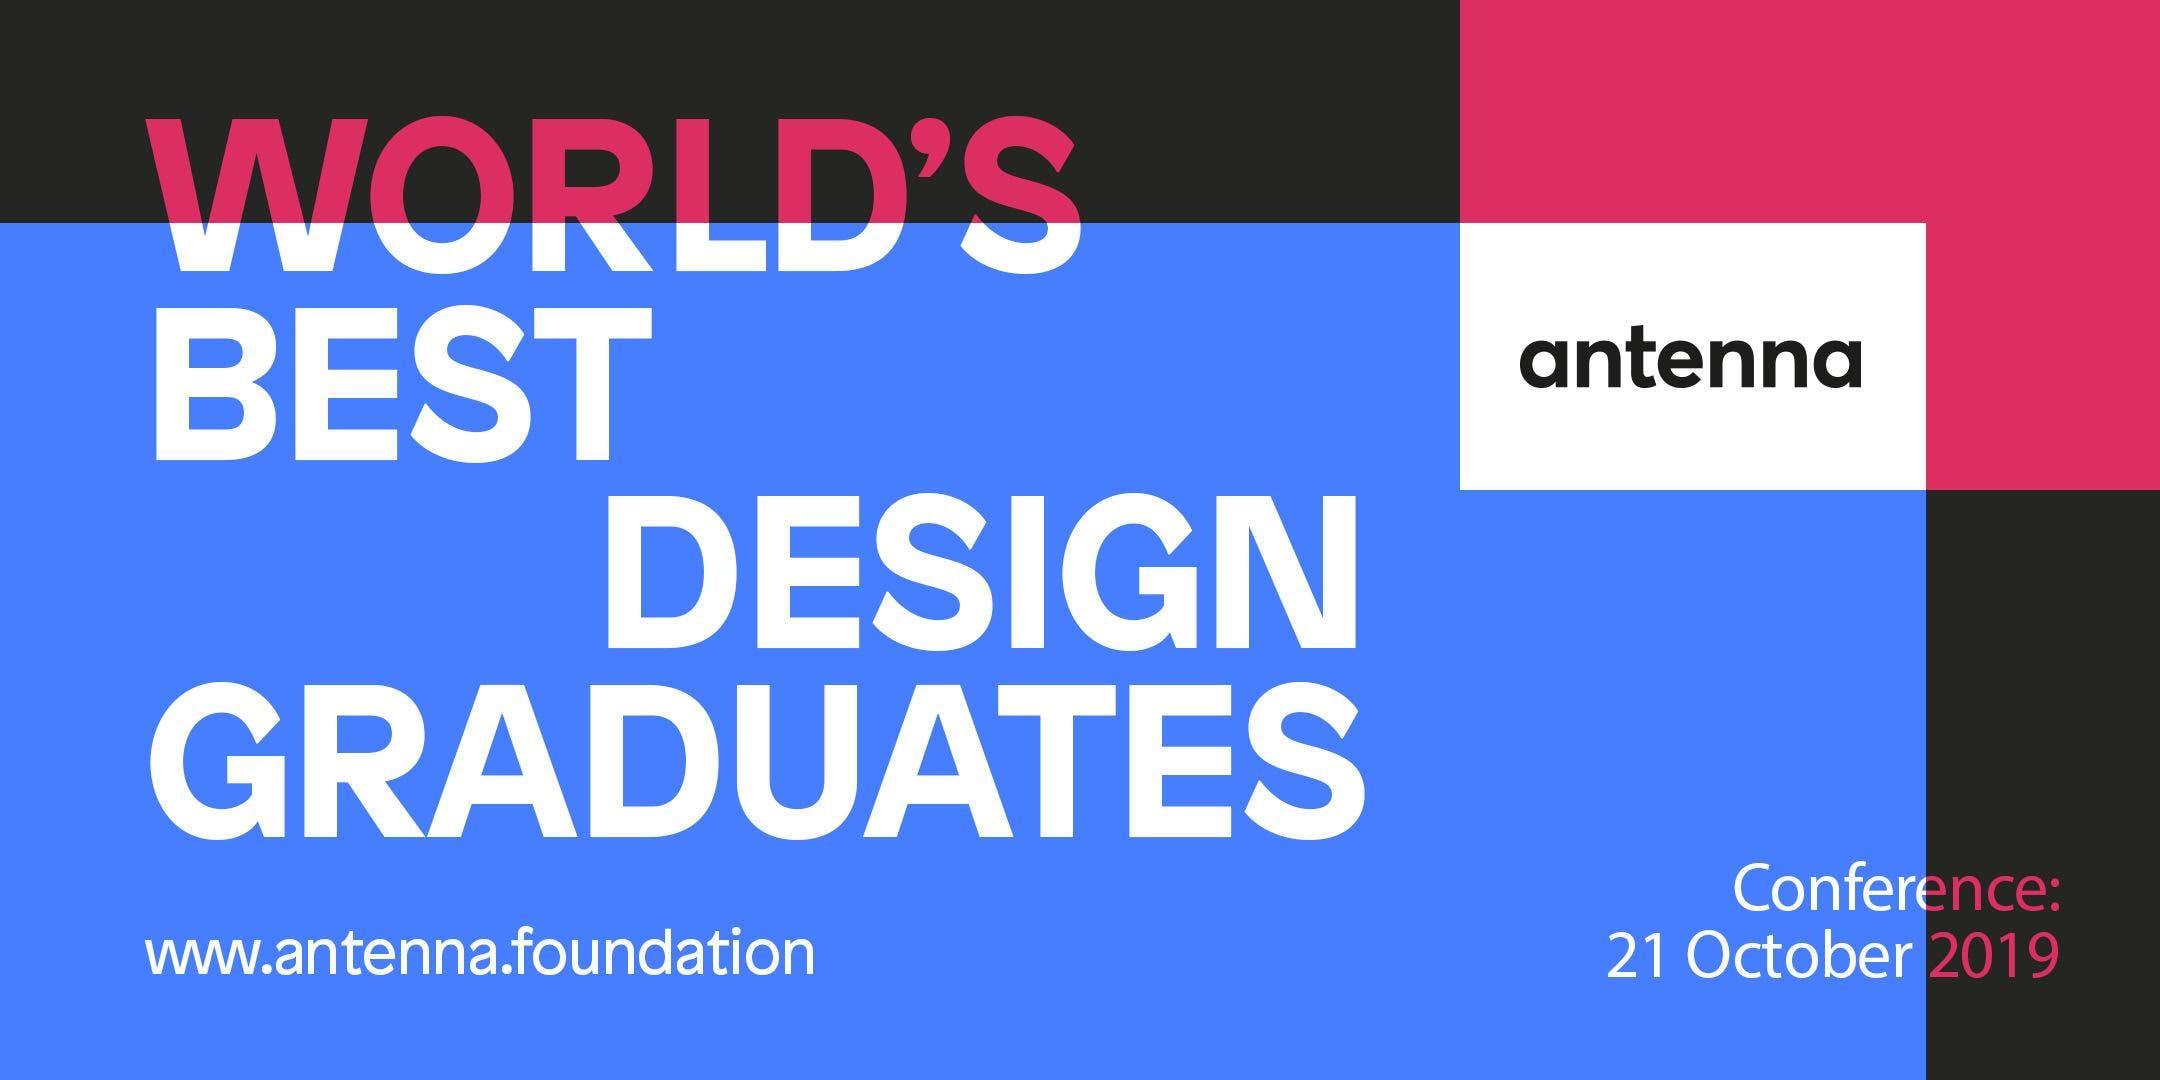 Antenna 2019 - Worlds Best Design Graduates